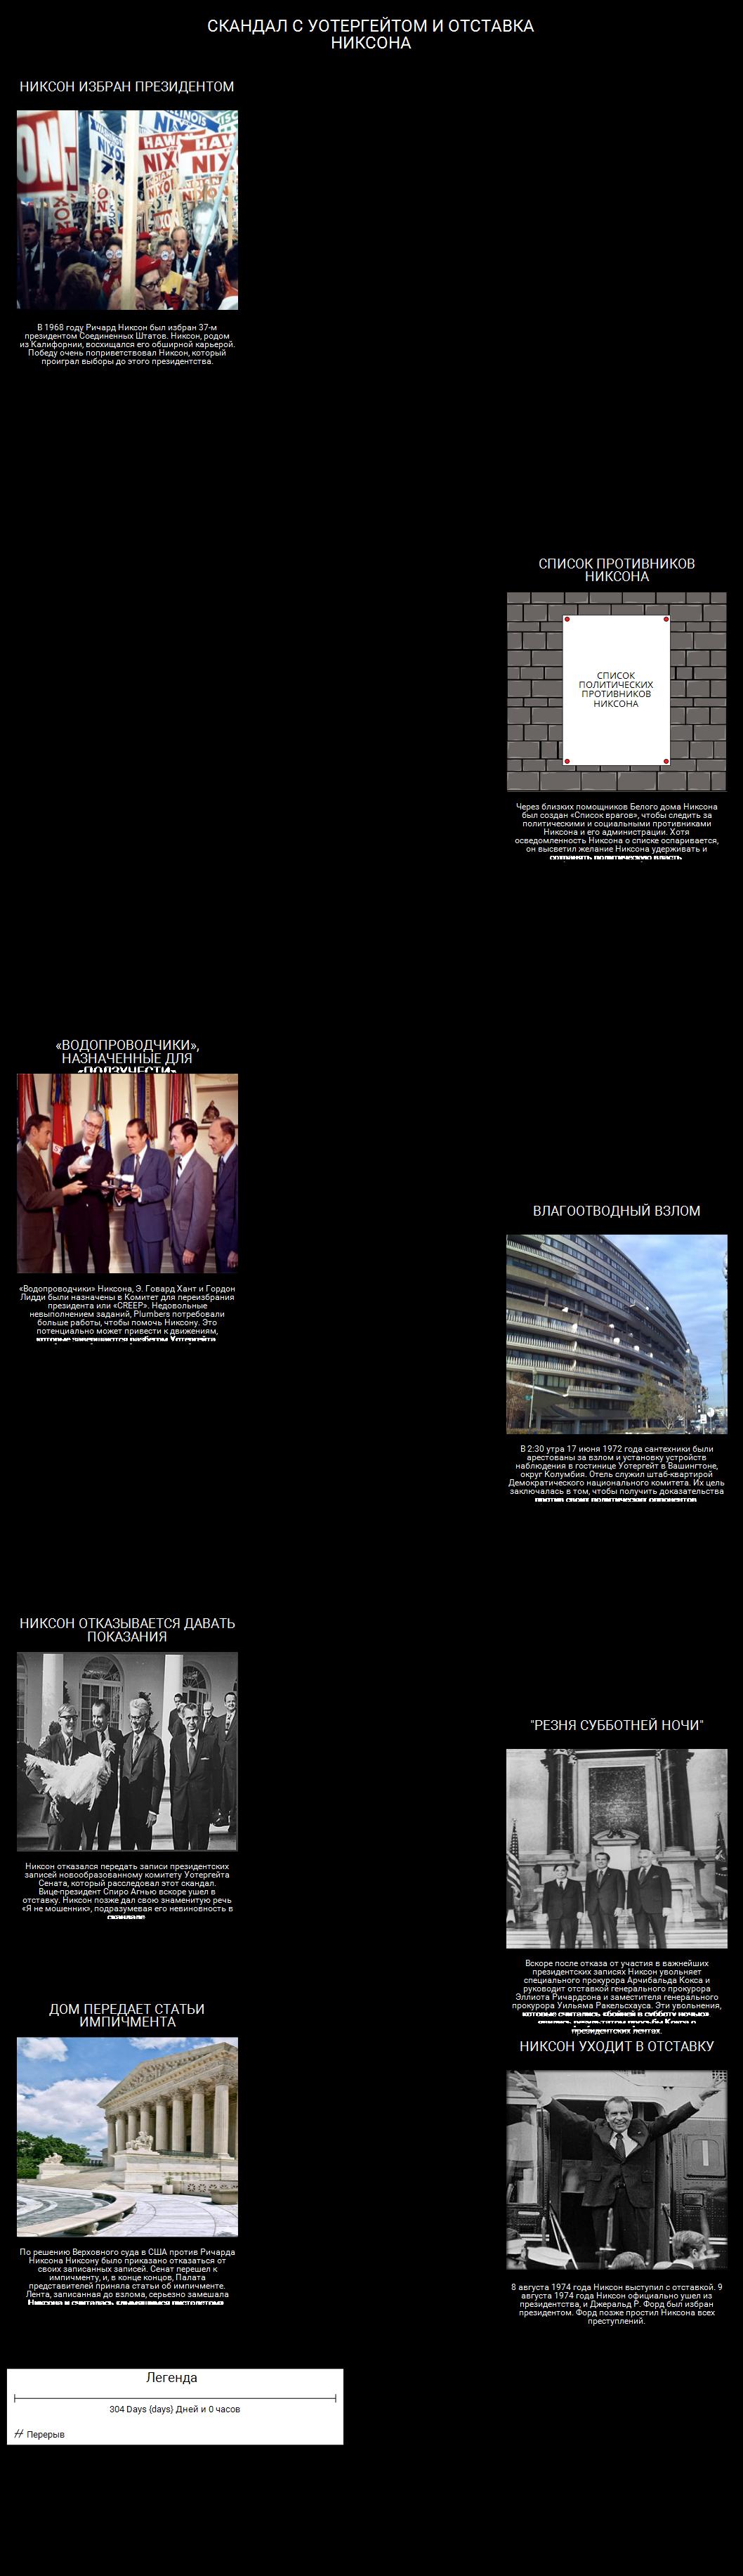 Уотергейт Скандал Хронология и Отставка Никсона